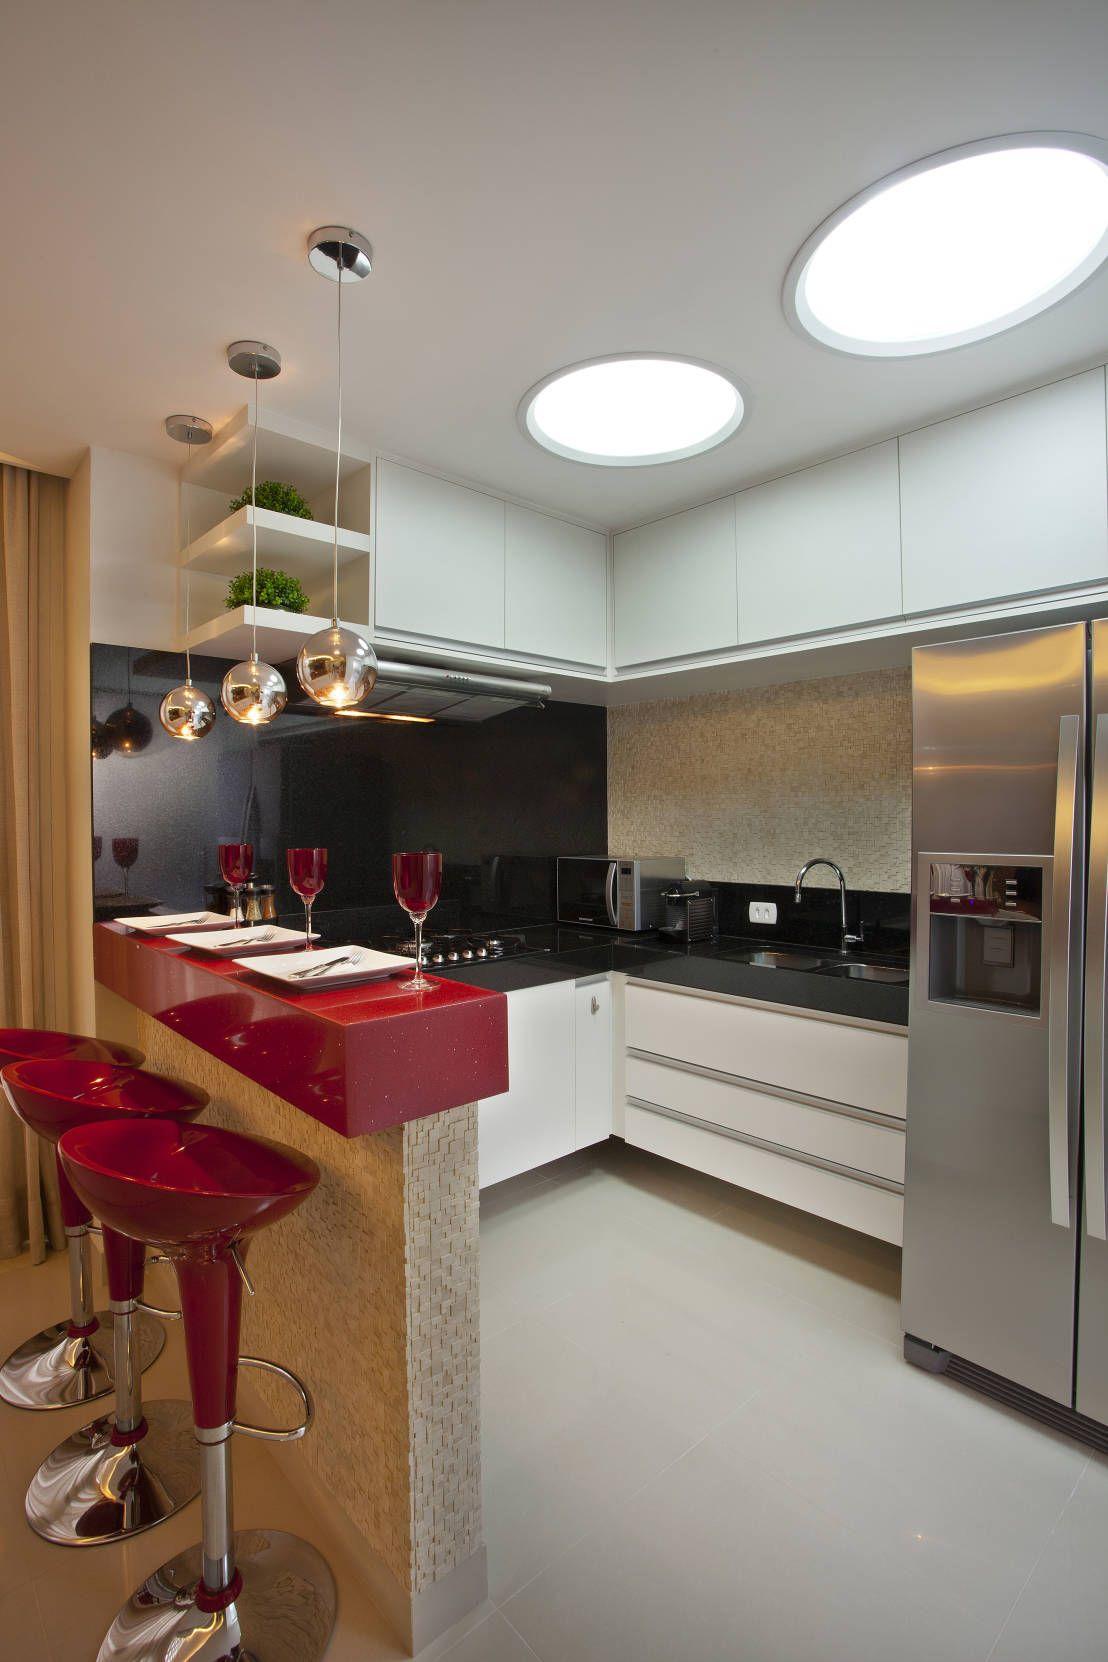 casas modernas magnficas ideas para decorar con yeso